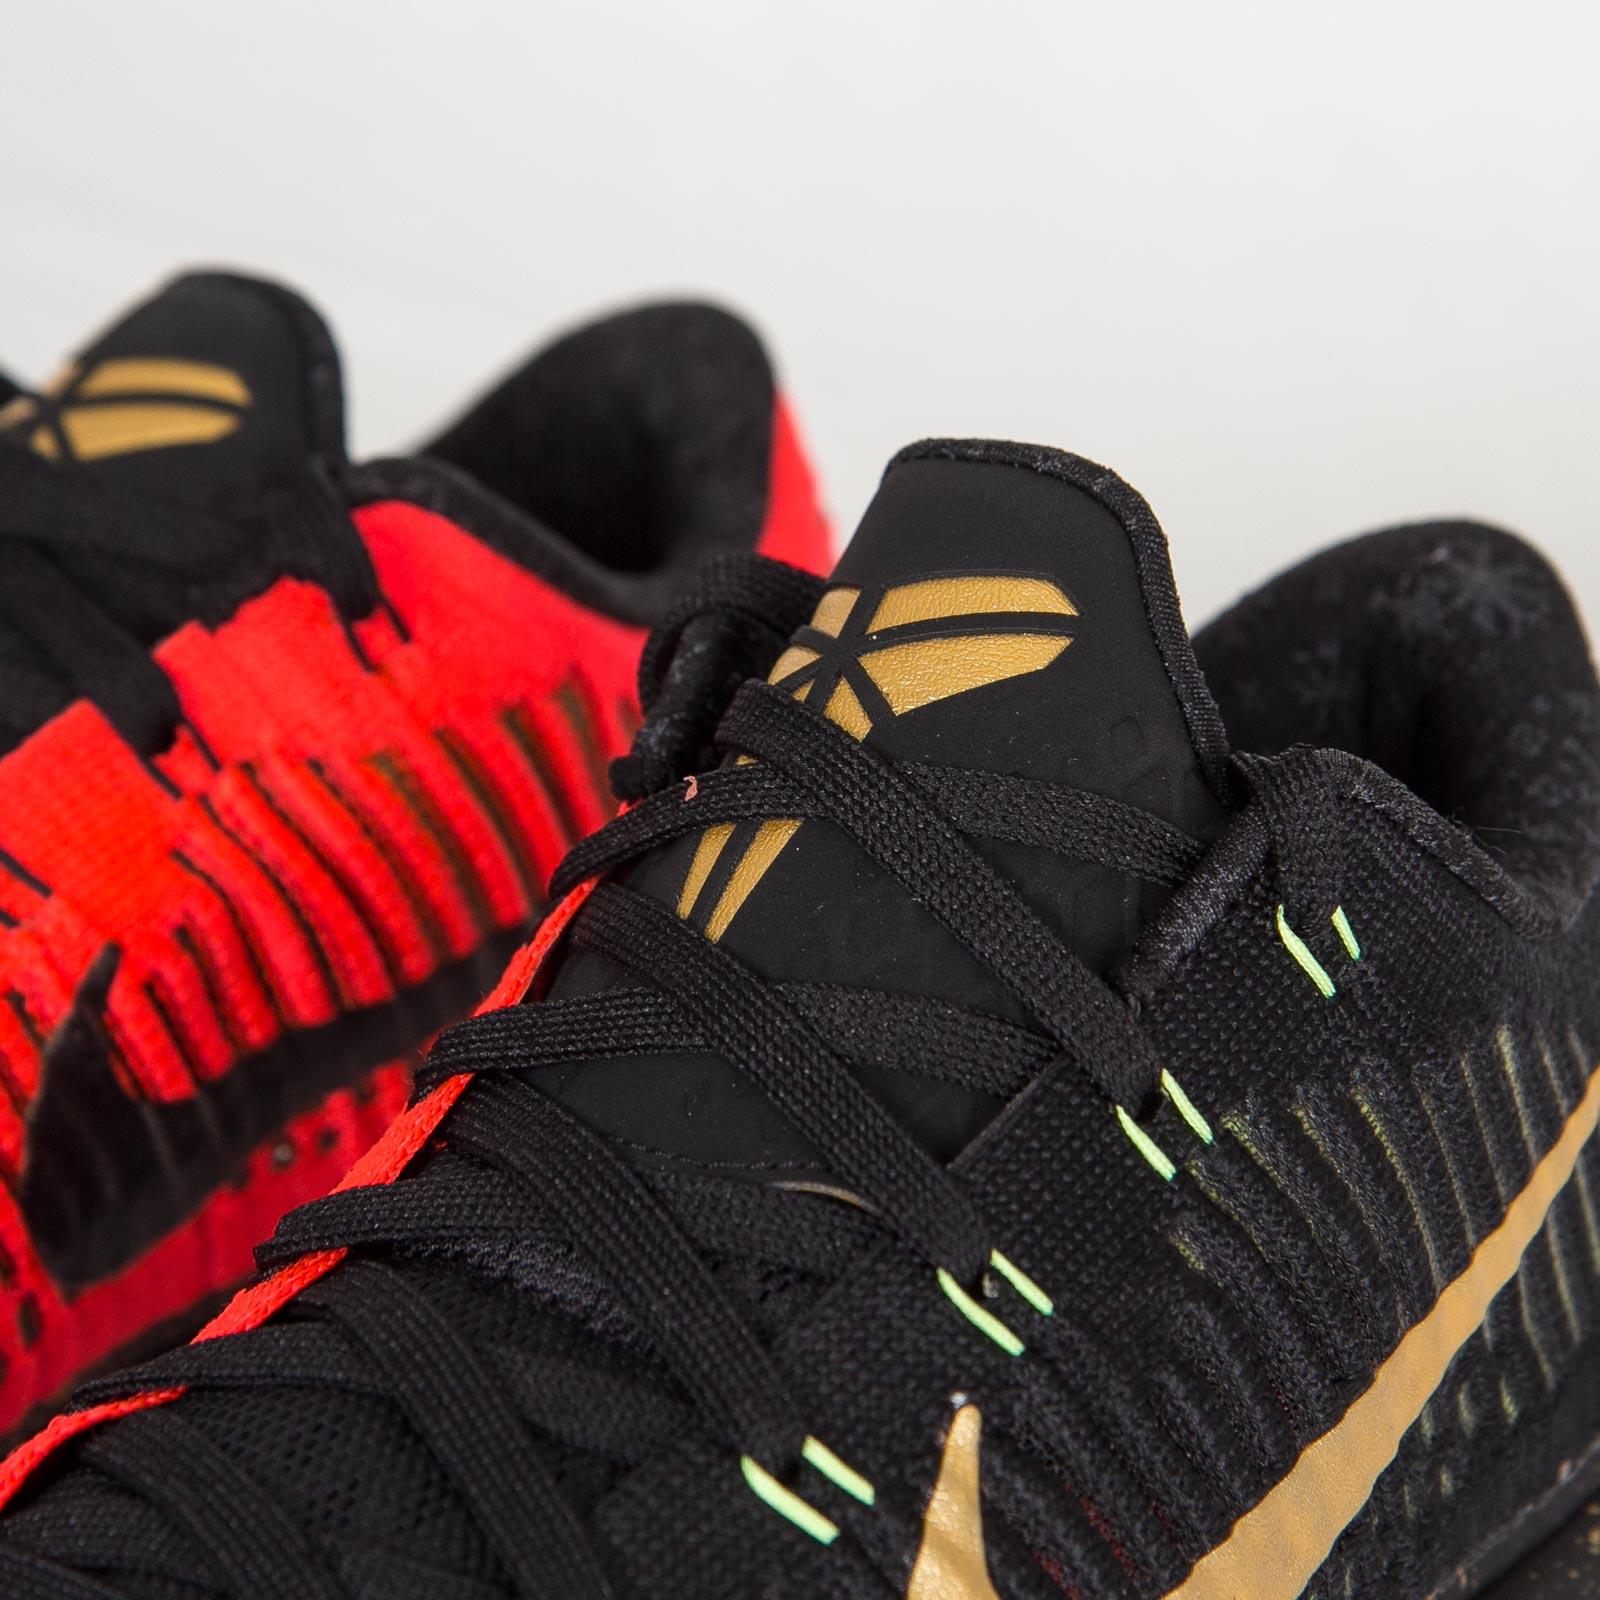 Nike Kobe X Elite Low Xmas - 802560-076 - Sneakersnstuff | sneakers ...